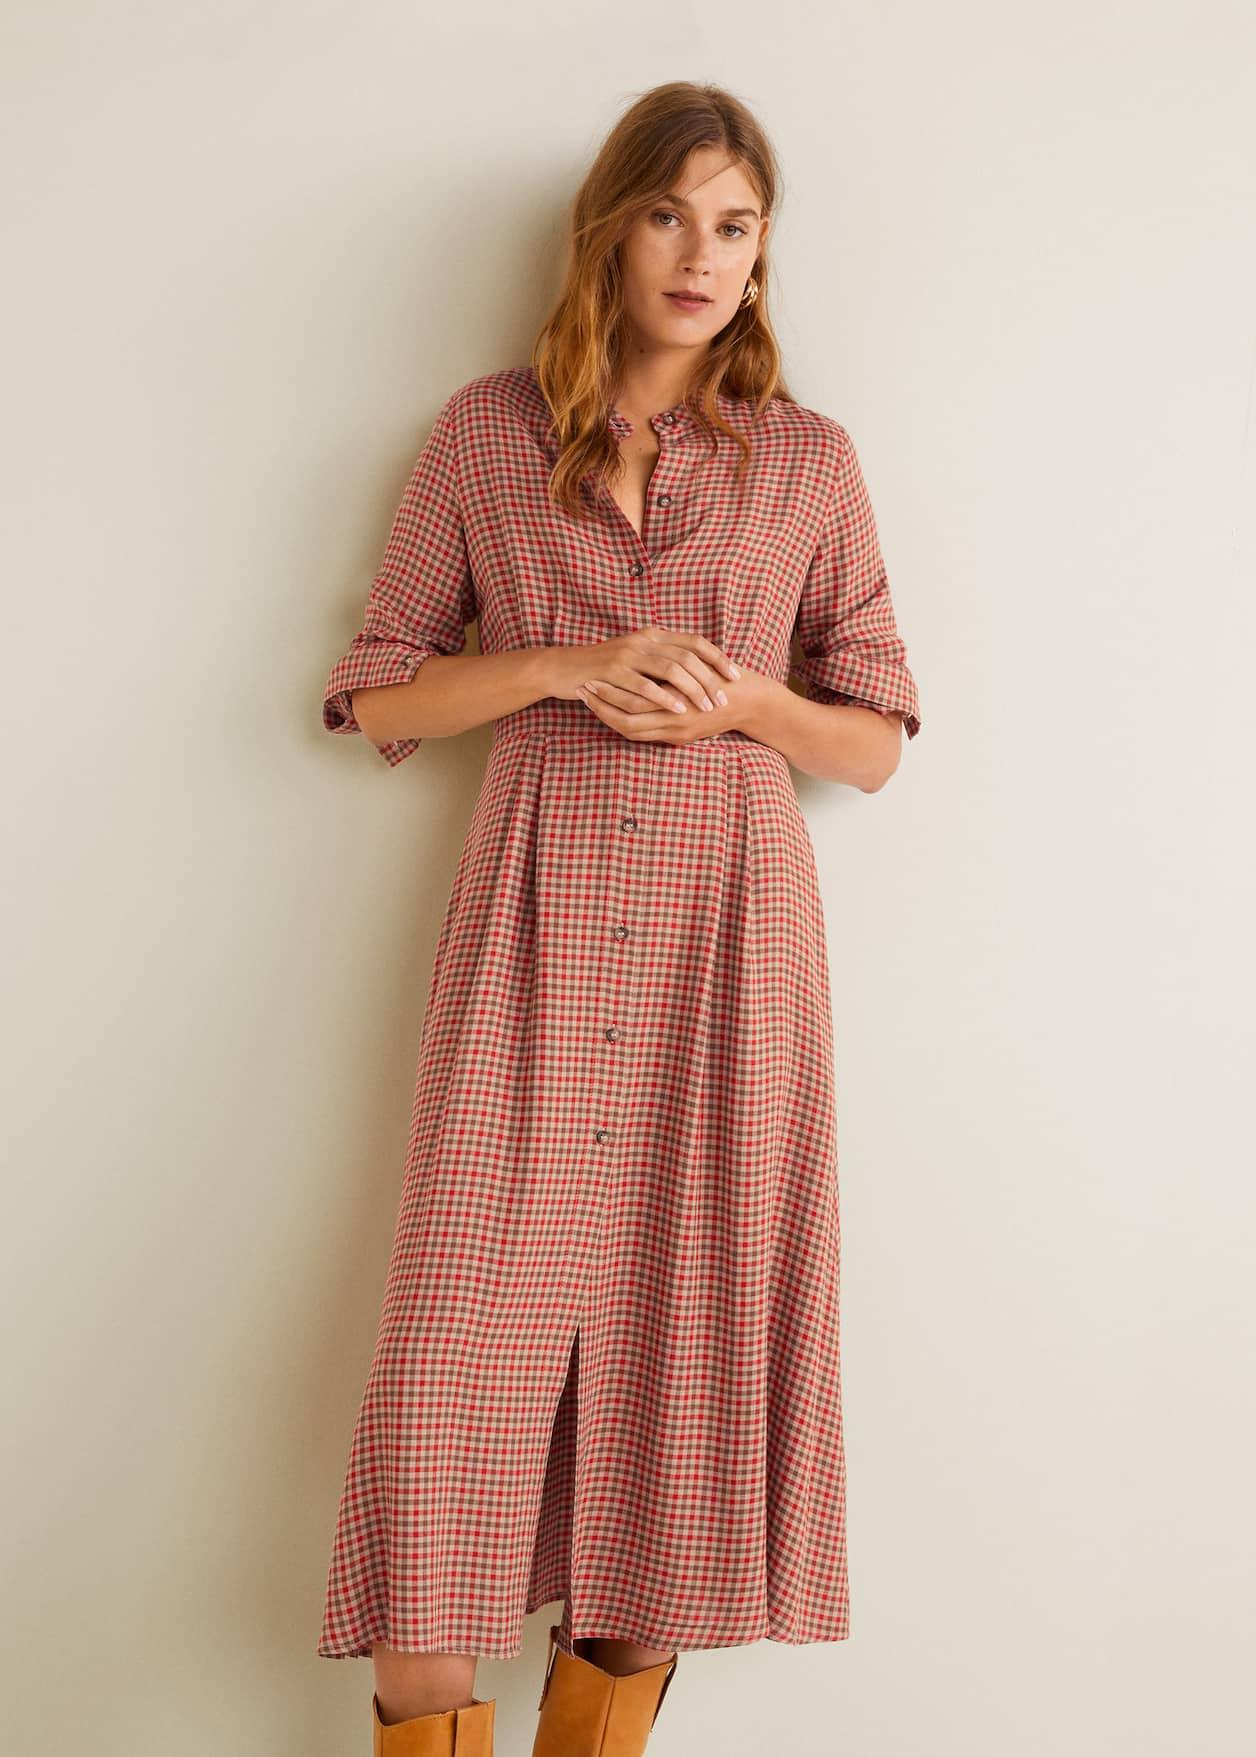 buy online 7e577 bf5aa Abiti - Abbigliamento - Donna | OUTLET Italia